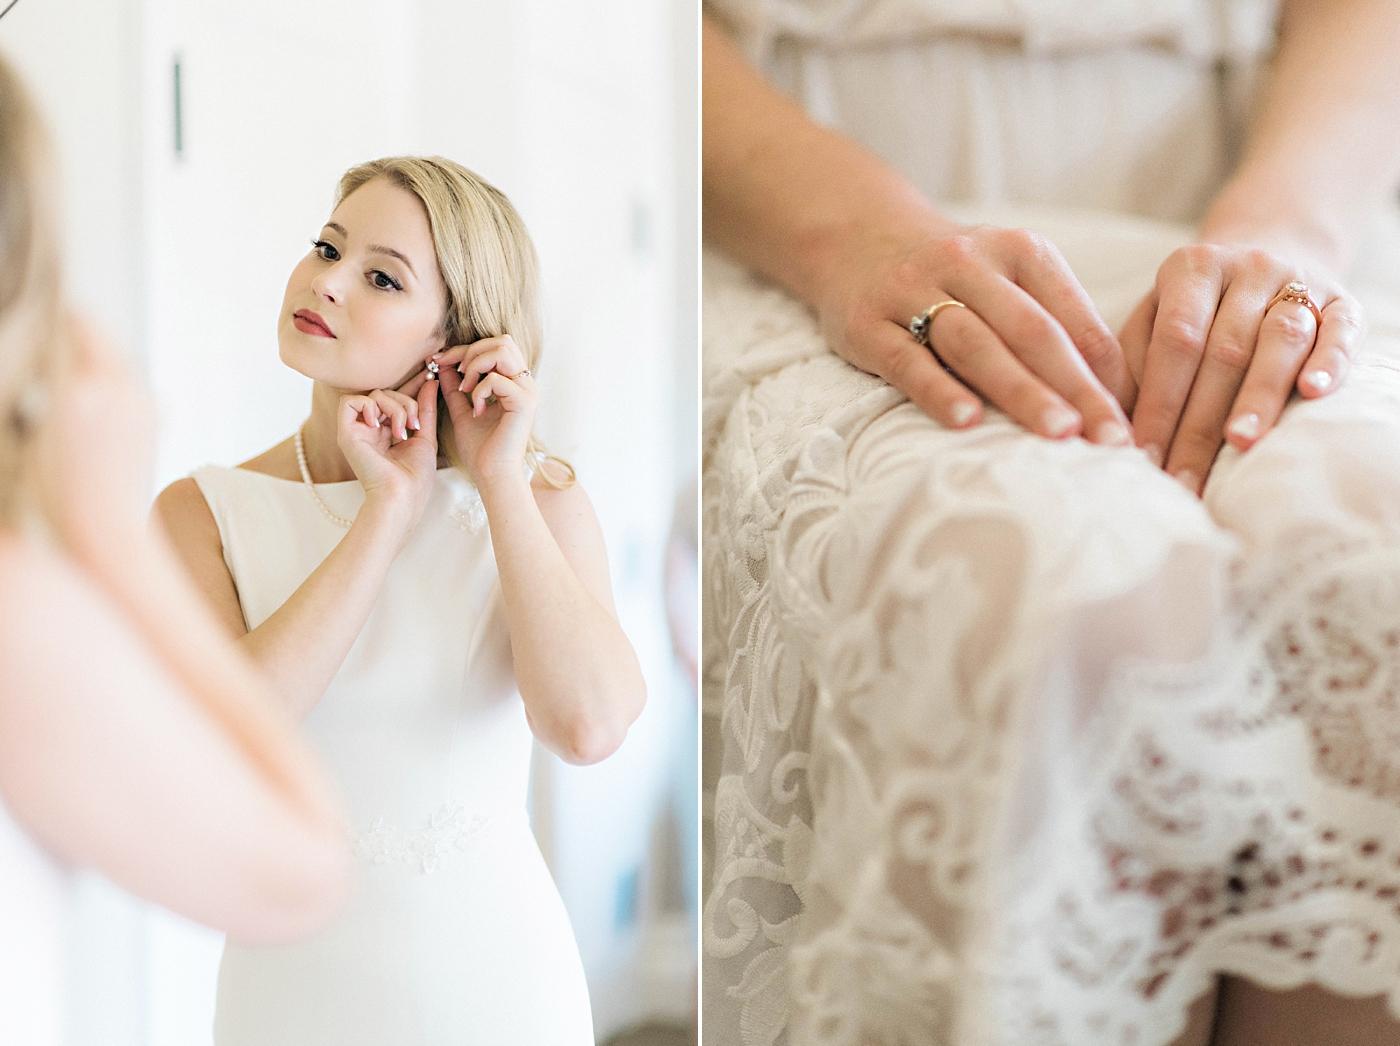 Halifax-Wedding-Photographer-New Brunswick Wedding- Nicolle & Ethan17.jpeg